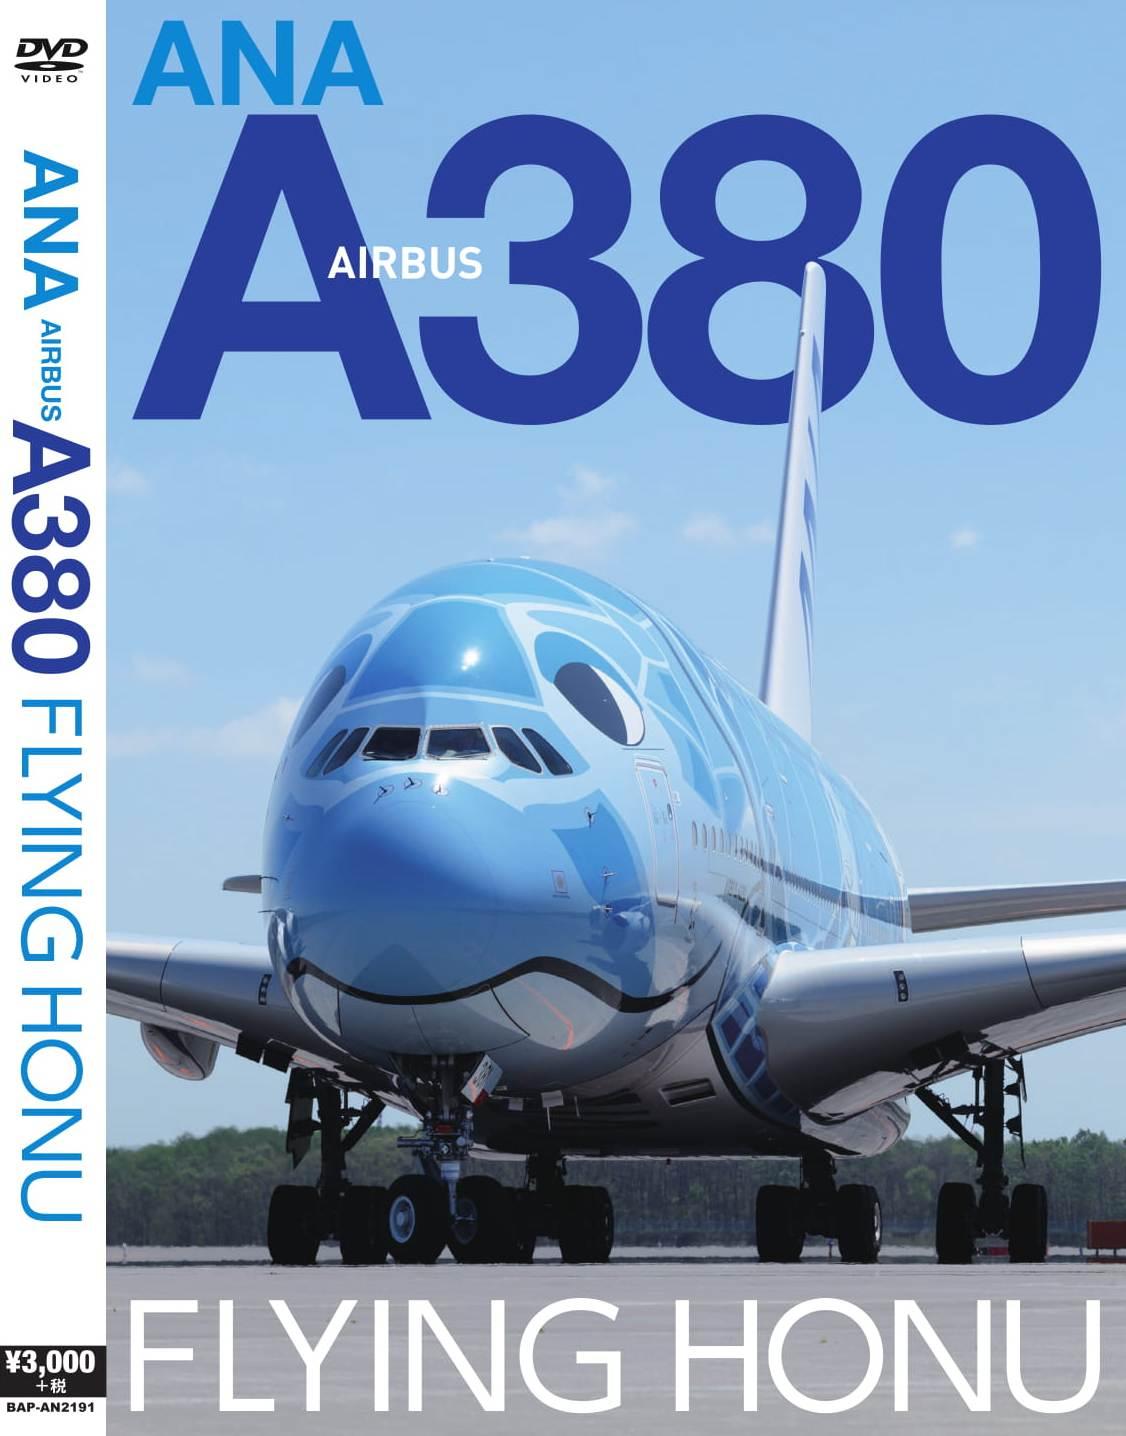 ANA AIRBUS A380 FLYING HONU